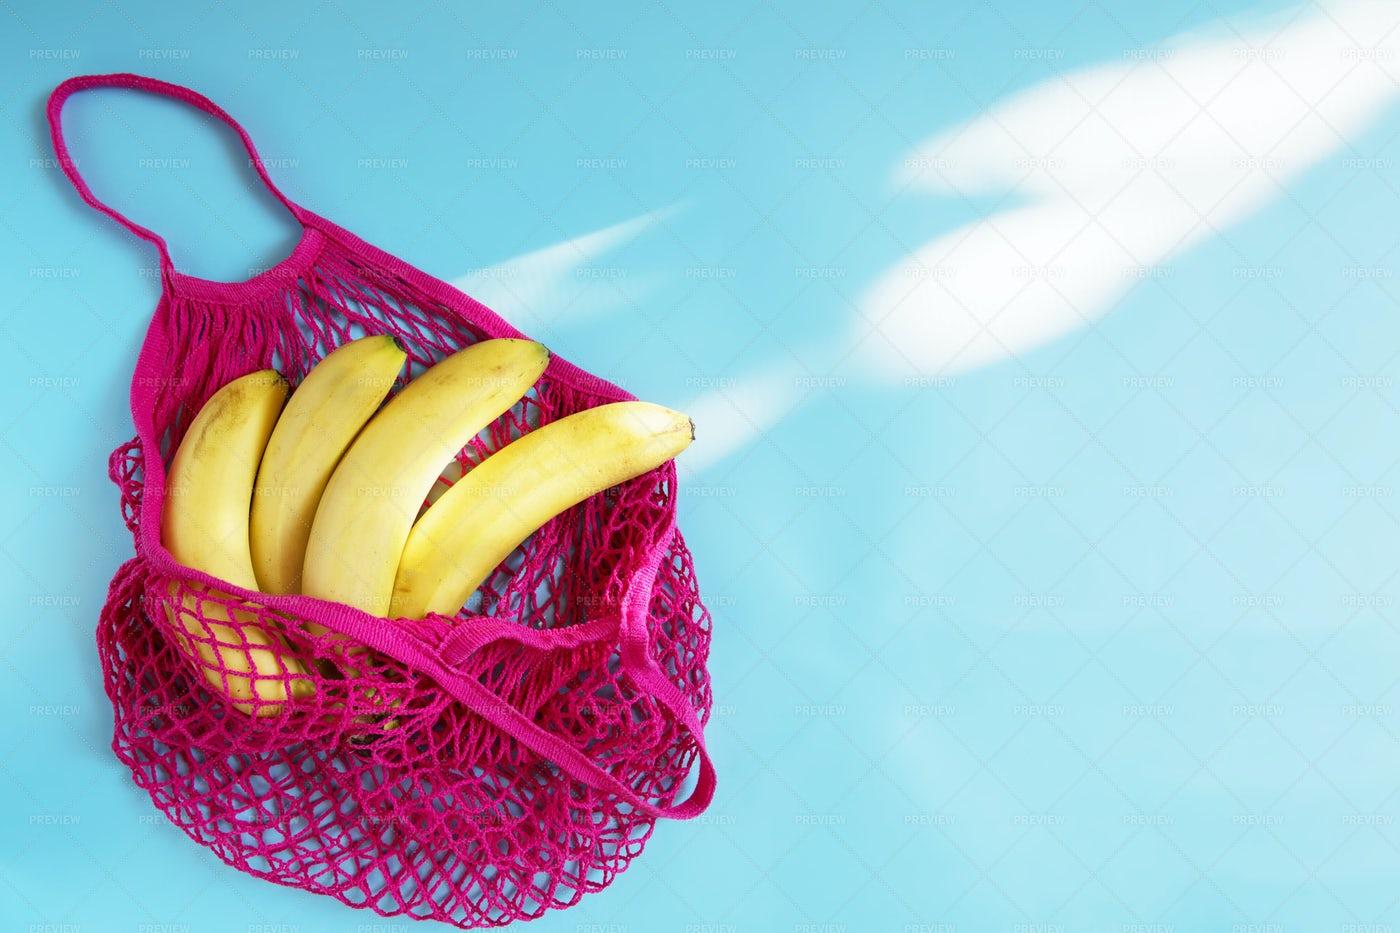 Banana In Mesh Bag: Stock Photos